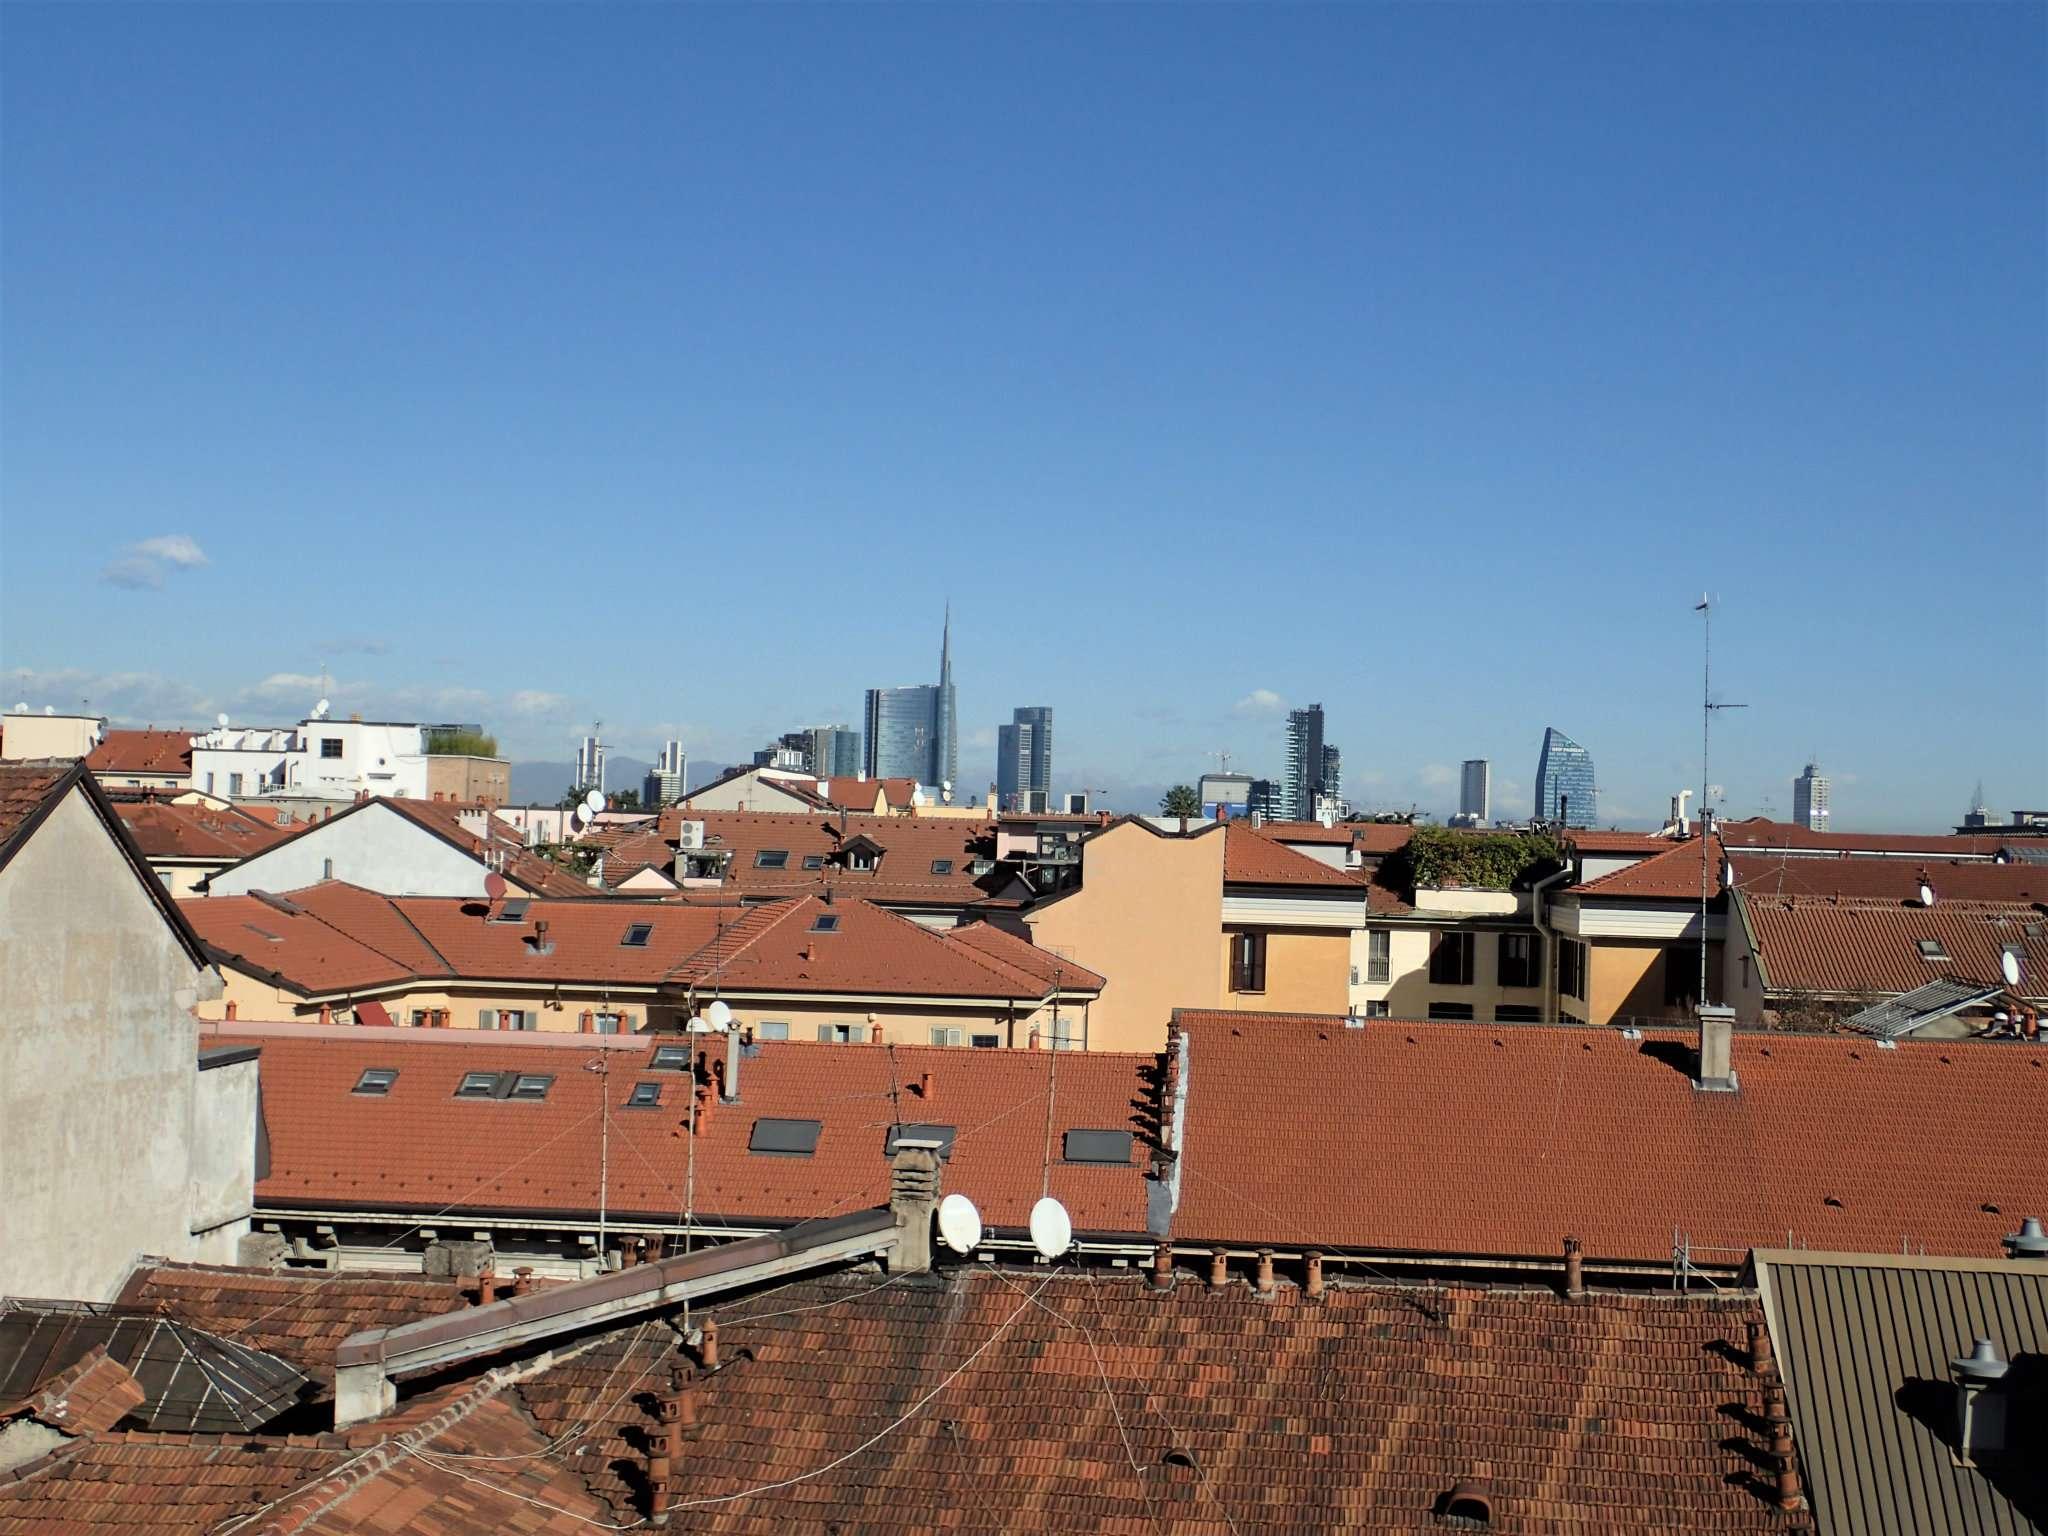 Attico in Vendita a Milano: 3 locali, 180 mq - Foto 6